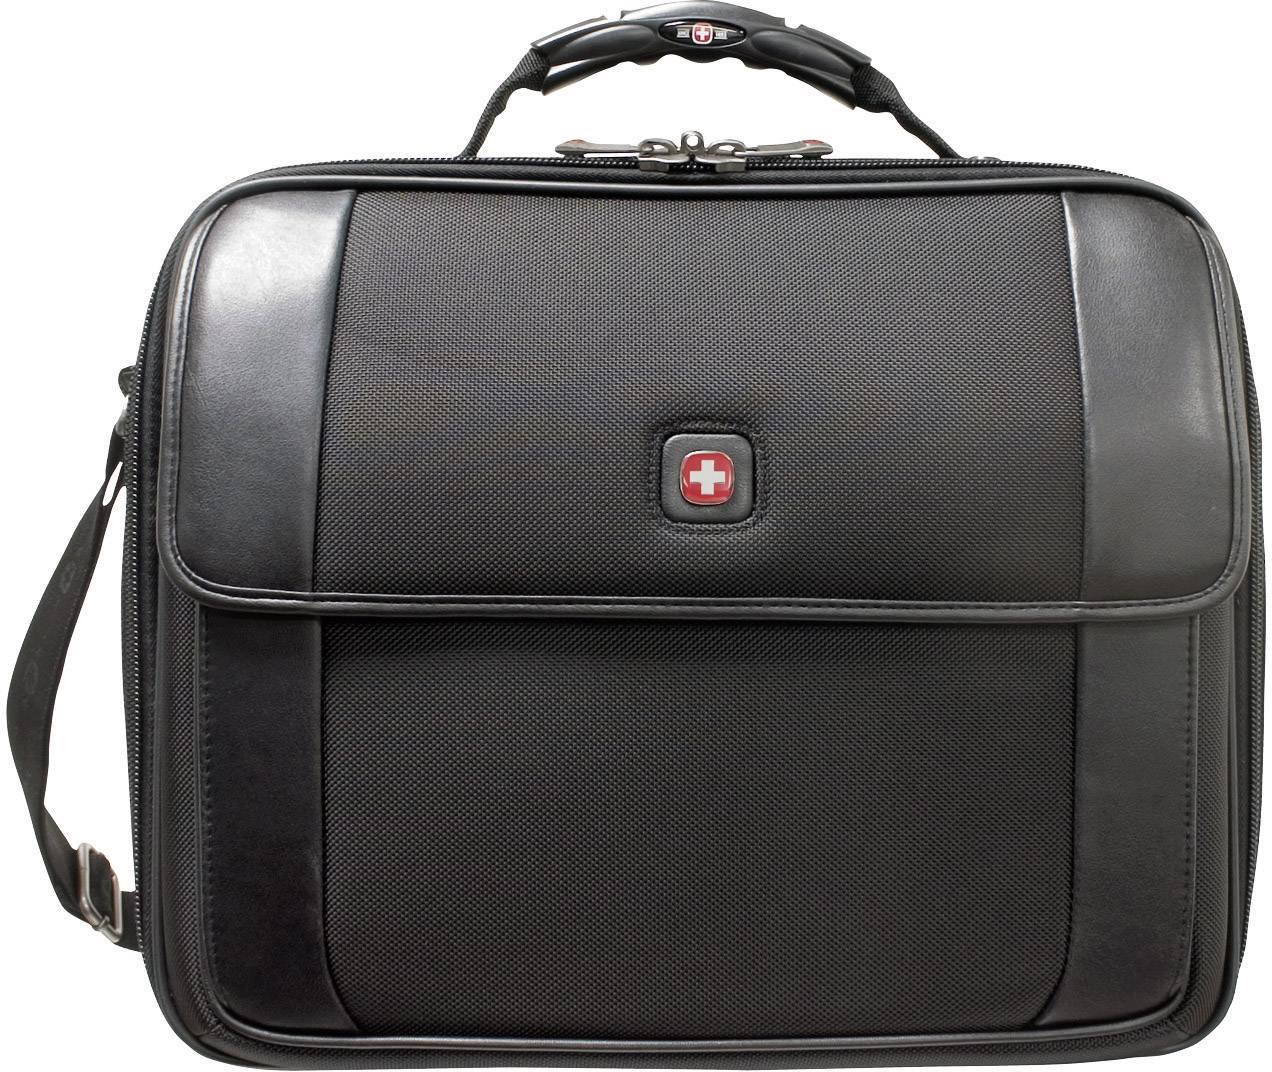 Tašky, kufry a příslušenství